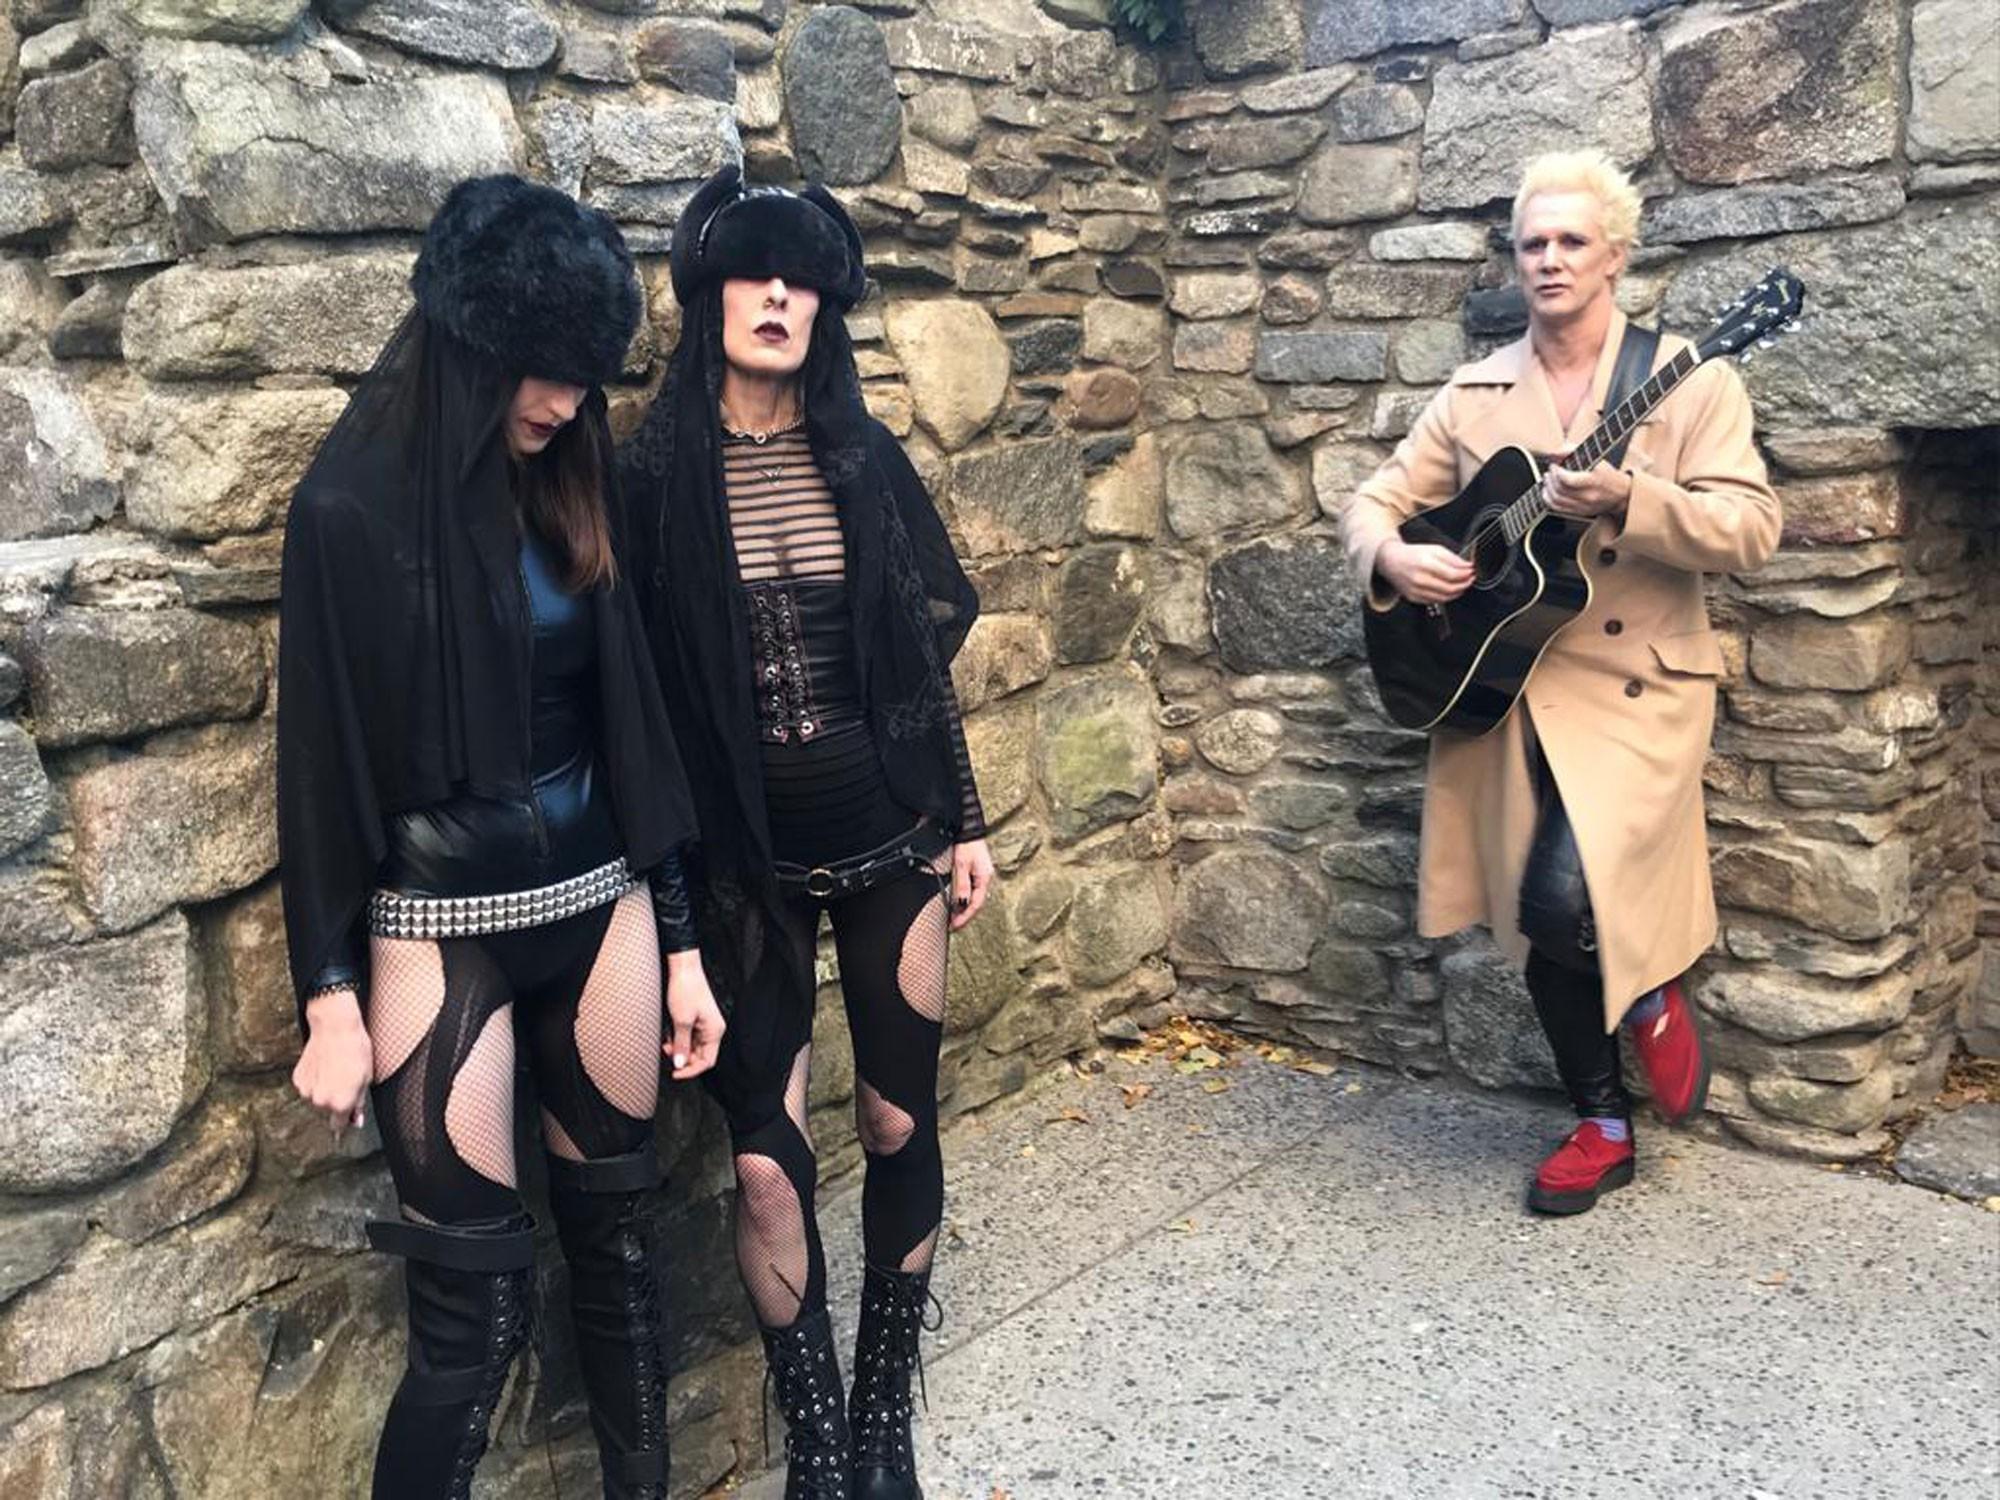 Supla faz clipe em cemitério de Nova York com 'freiras russas': 'Todo mundo quer ser aceito'